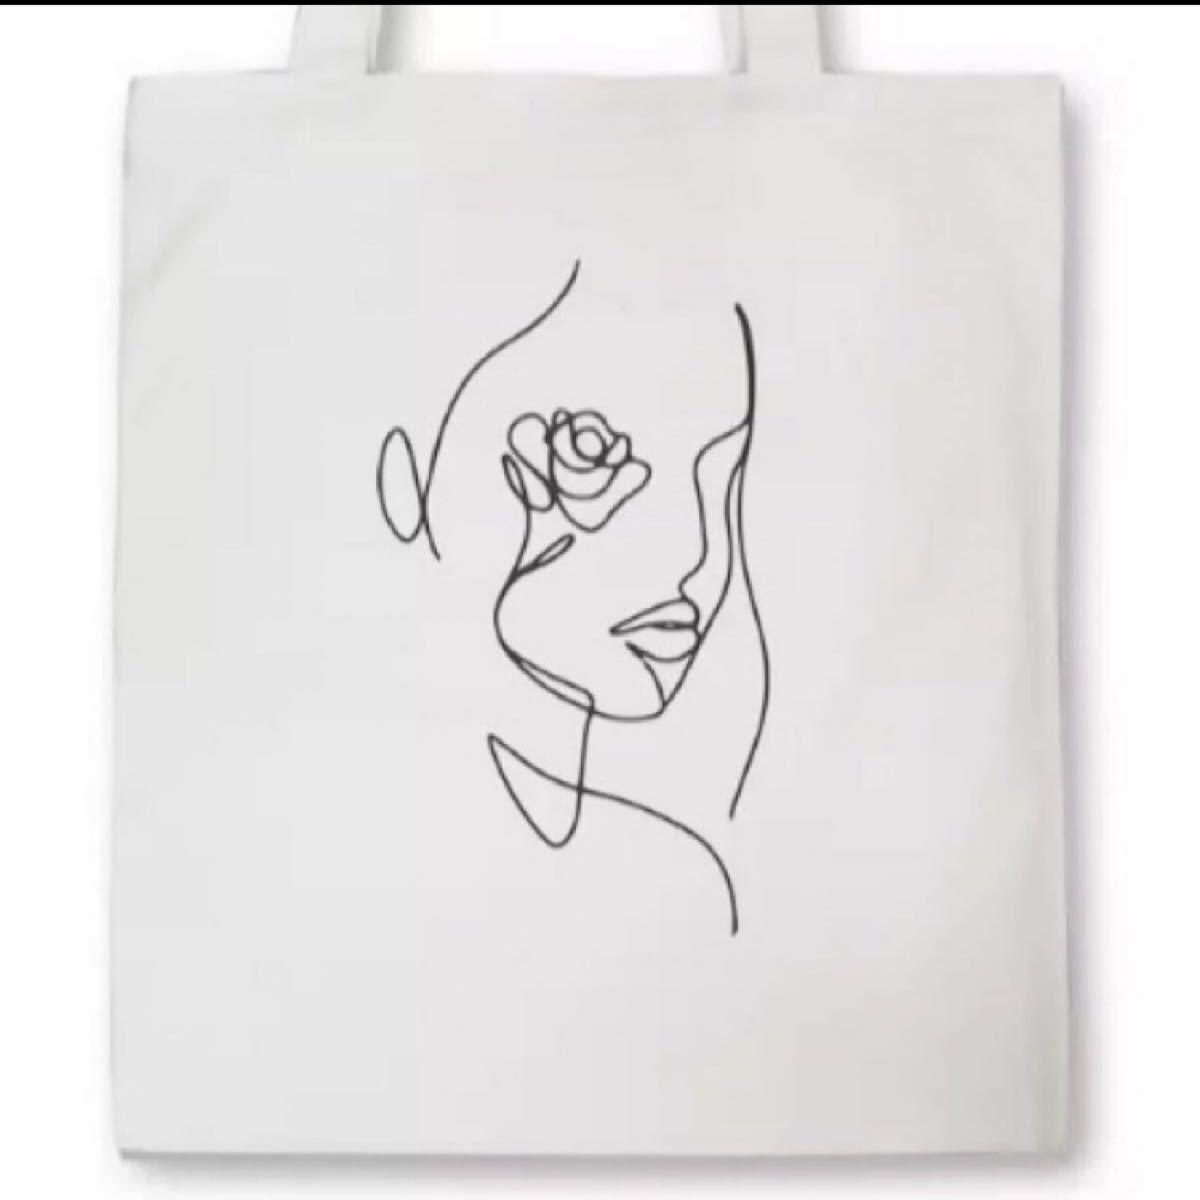 新品トートバッグ/エコバッグ/ショッピングバッグ/コンビニバッグ/折りたたみバッグ